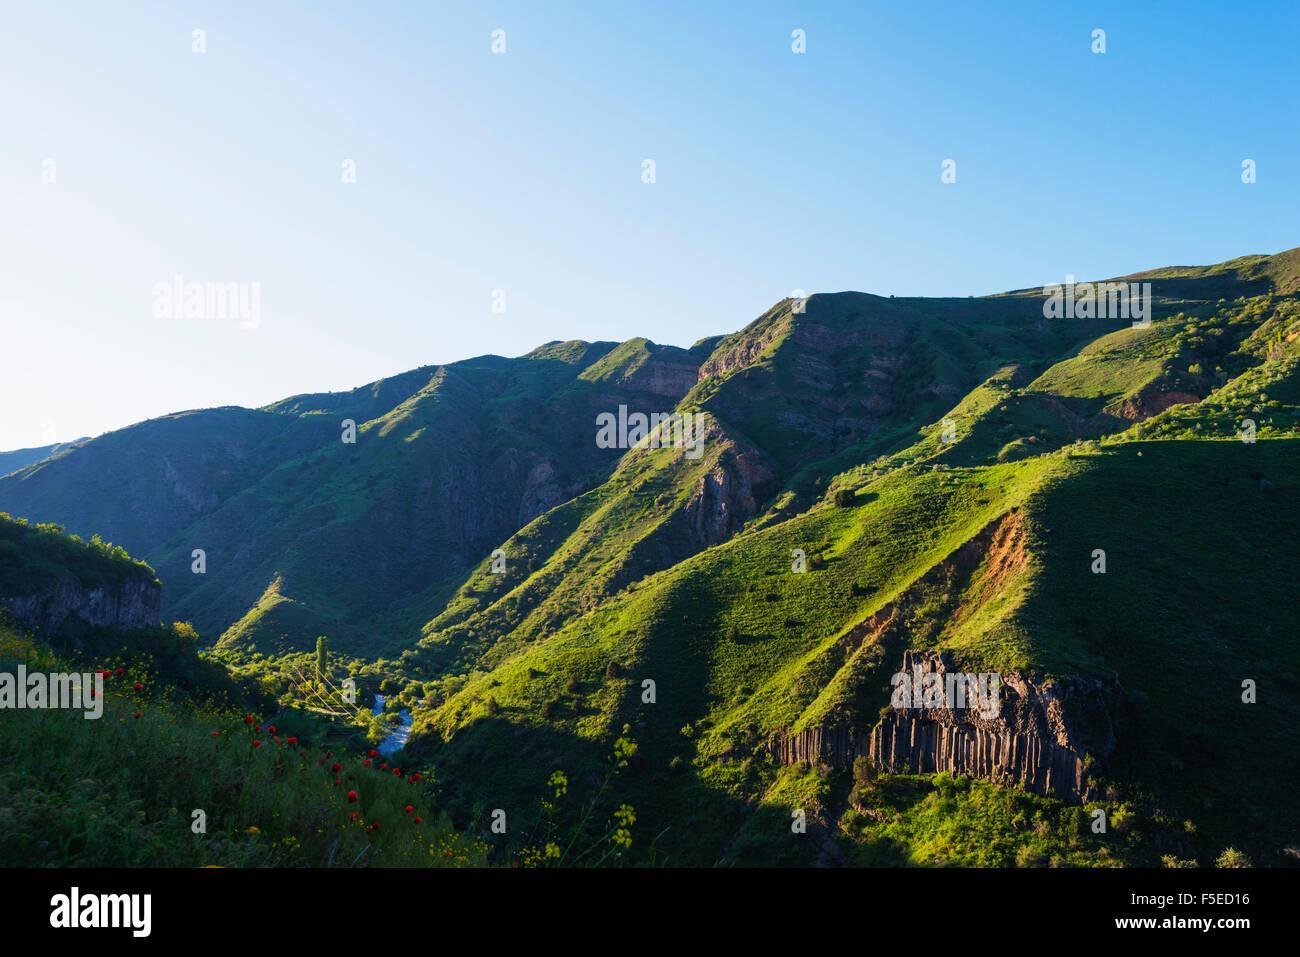 Sinfonia de pedras de basalto colunas, Local de Património Mundial da UNESCO, Garni, Kotayk Província, Imagens de Stock